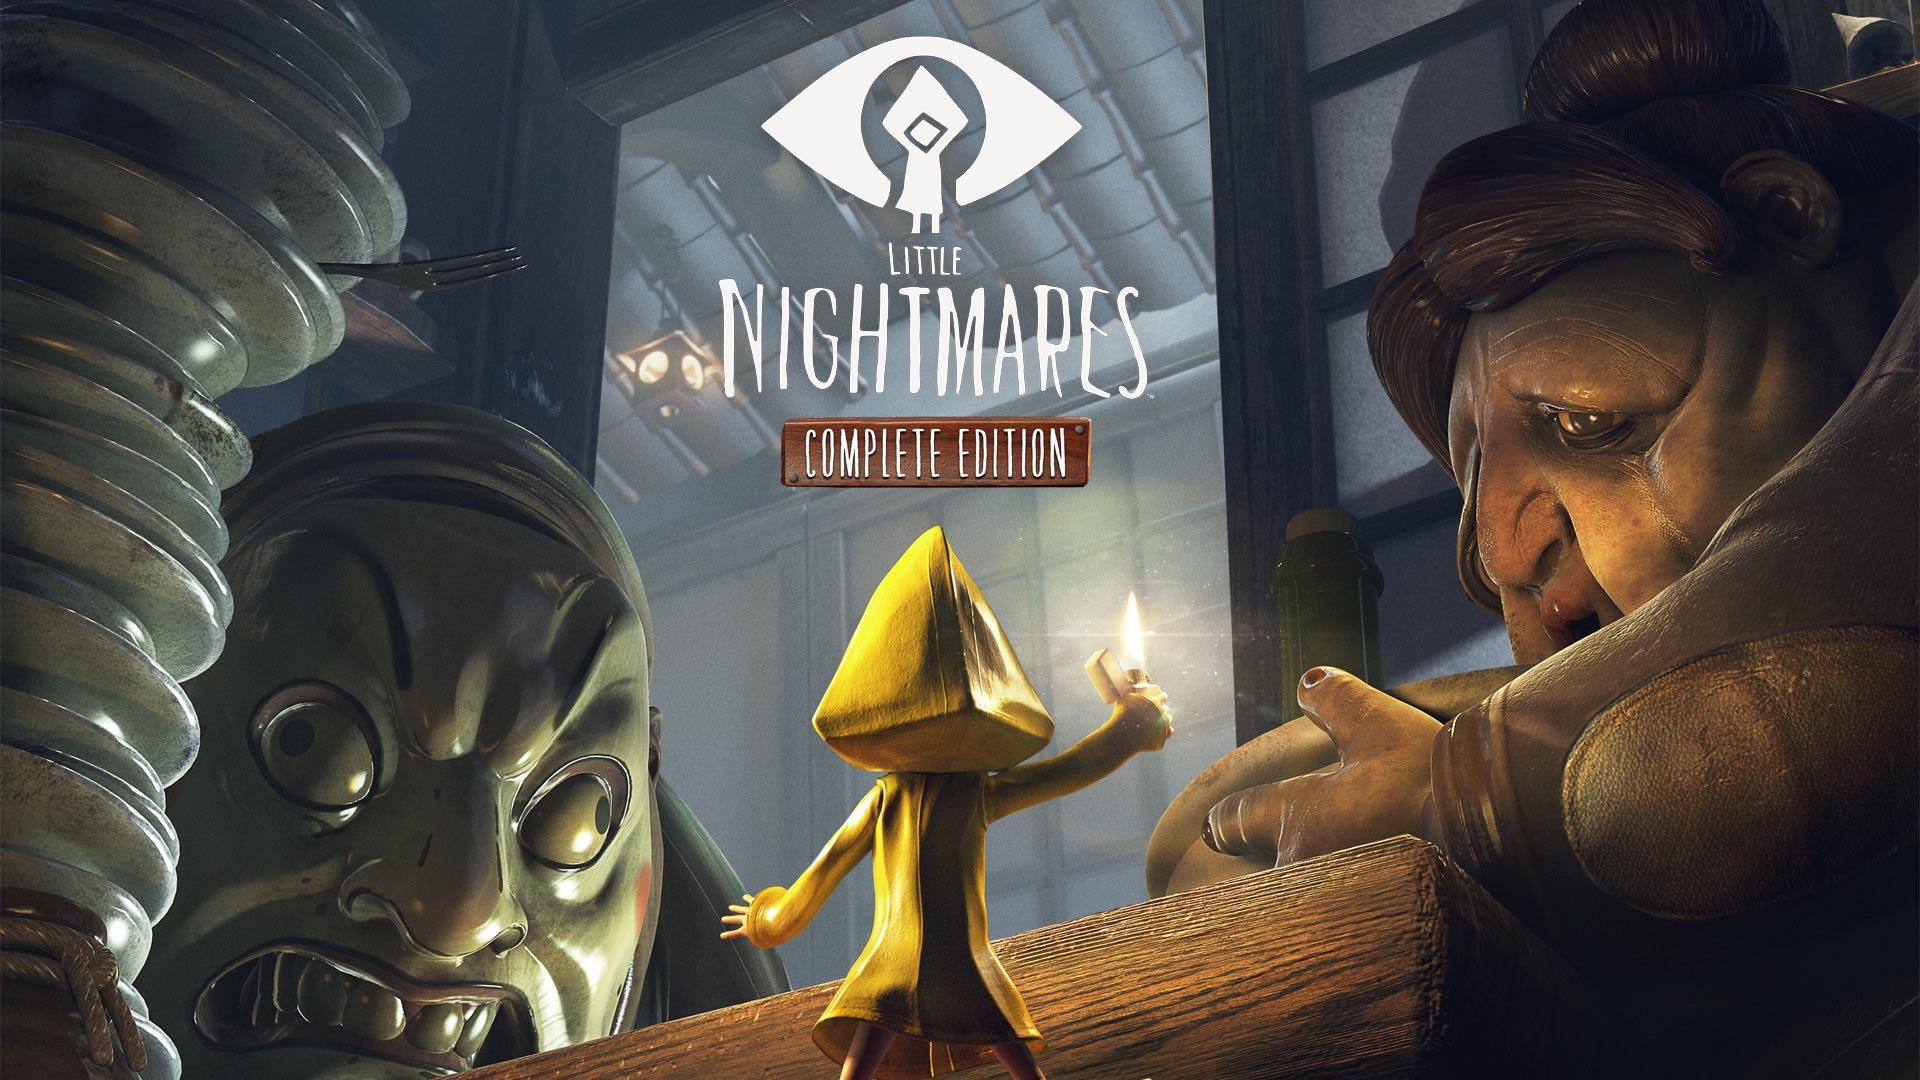 Nintendo, Little nightmares edición completa eShop!